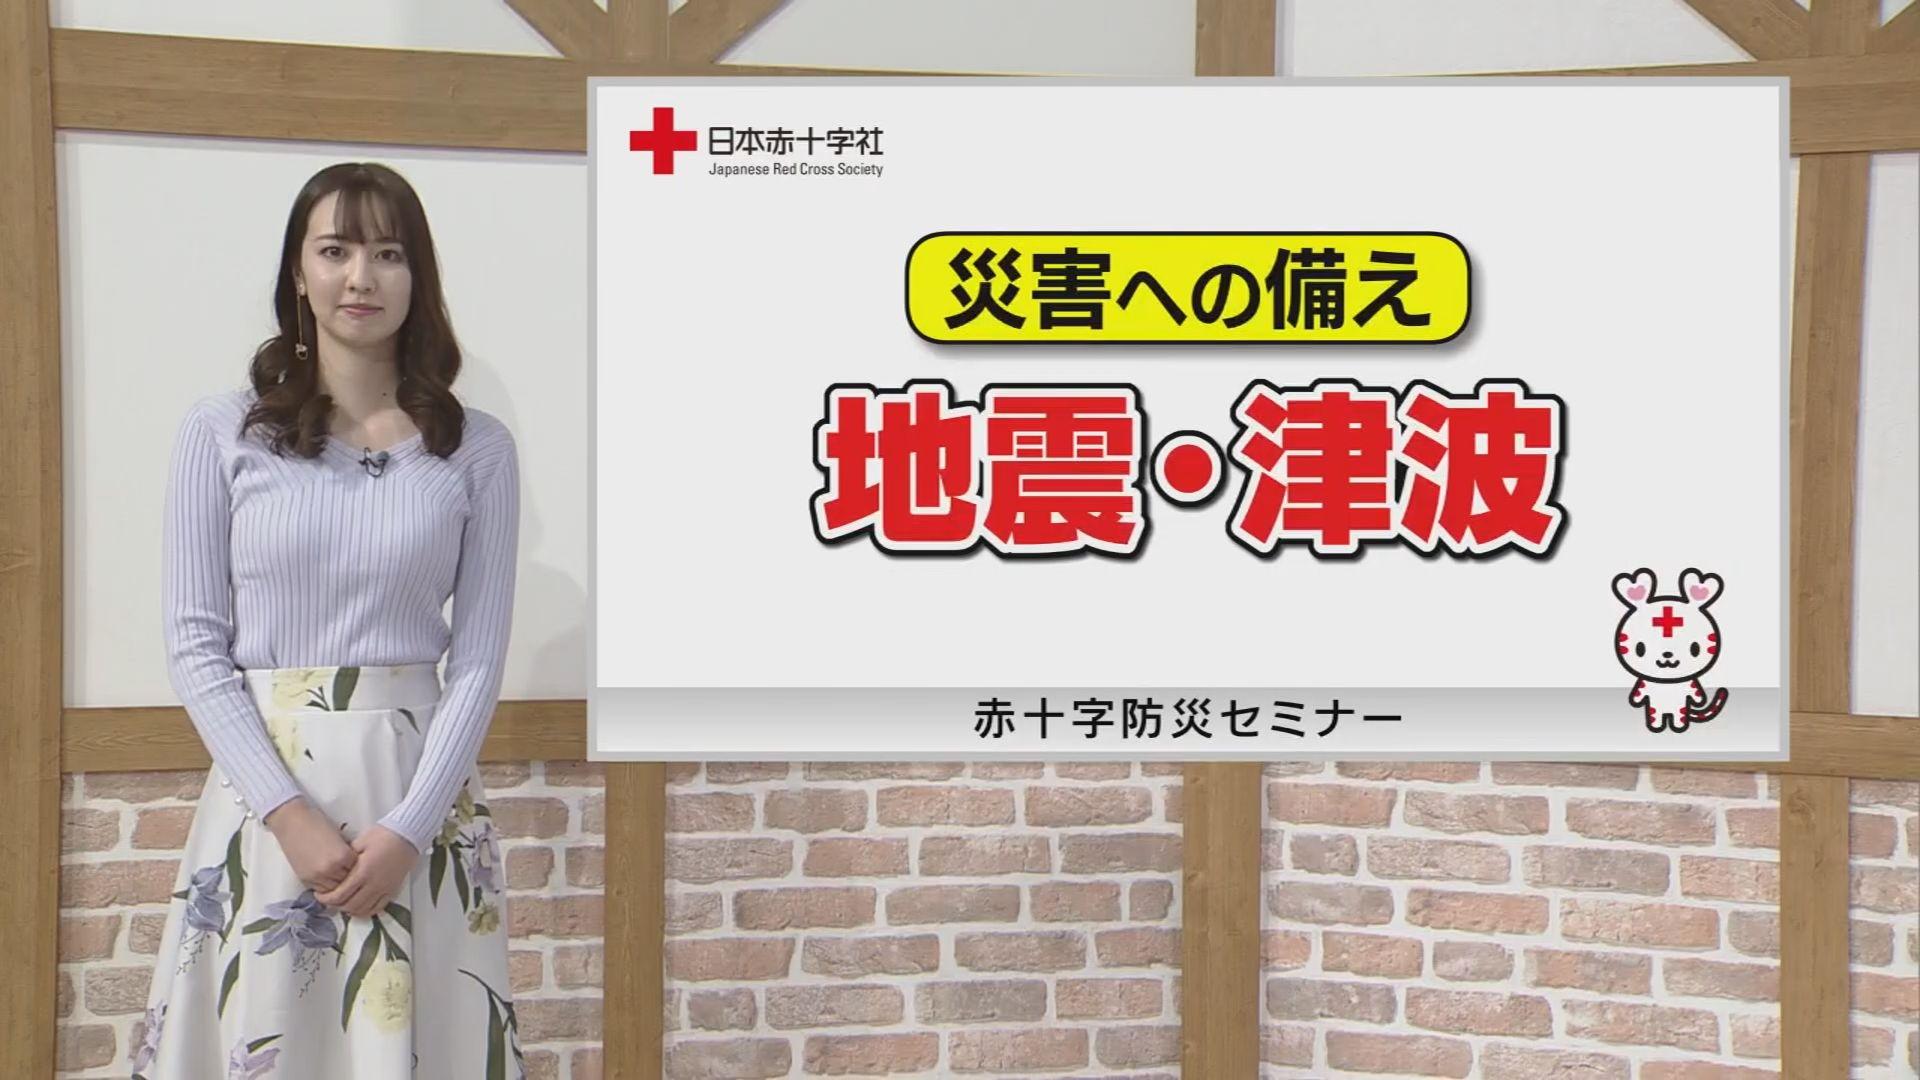 災害への備え「地震・津波」